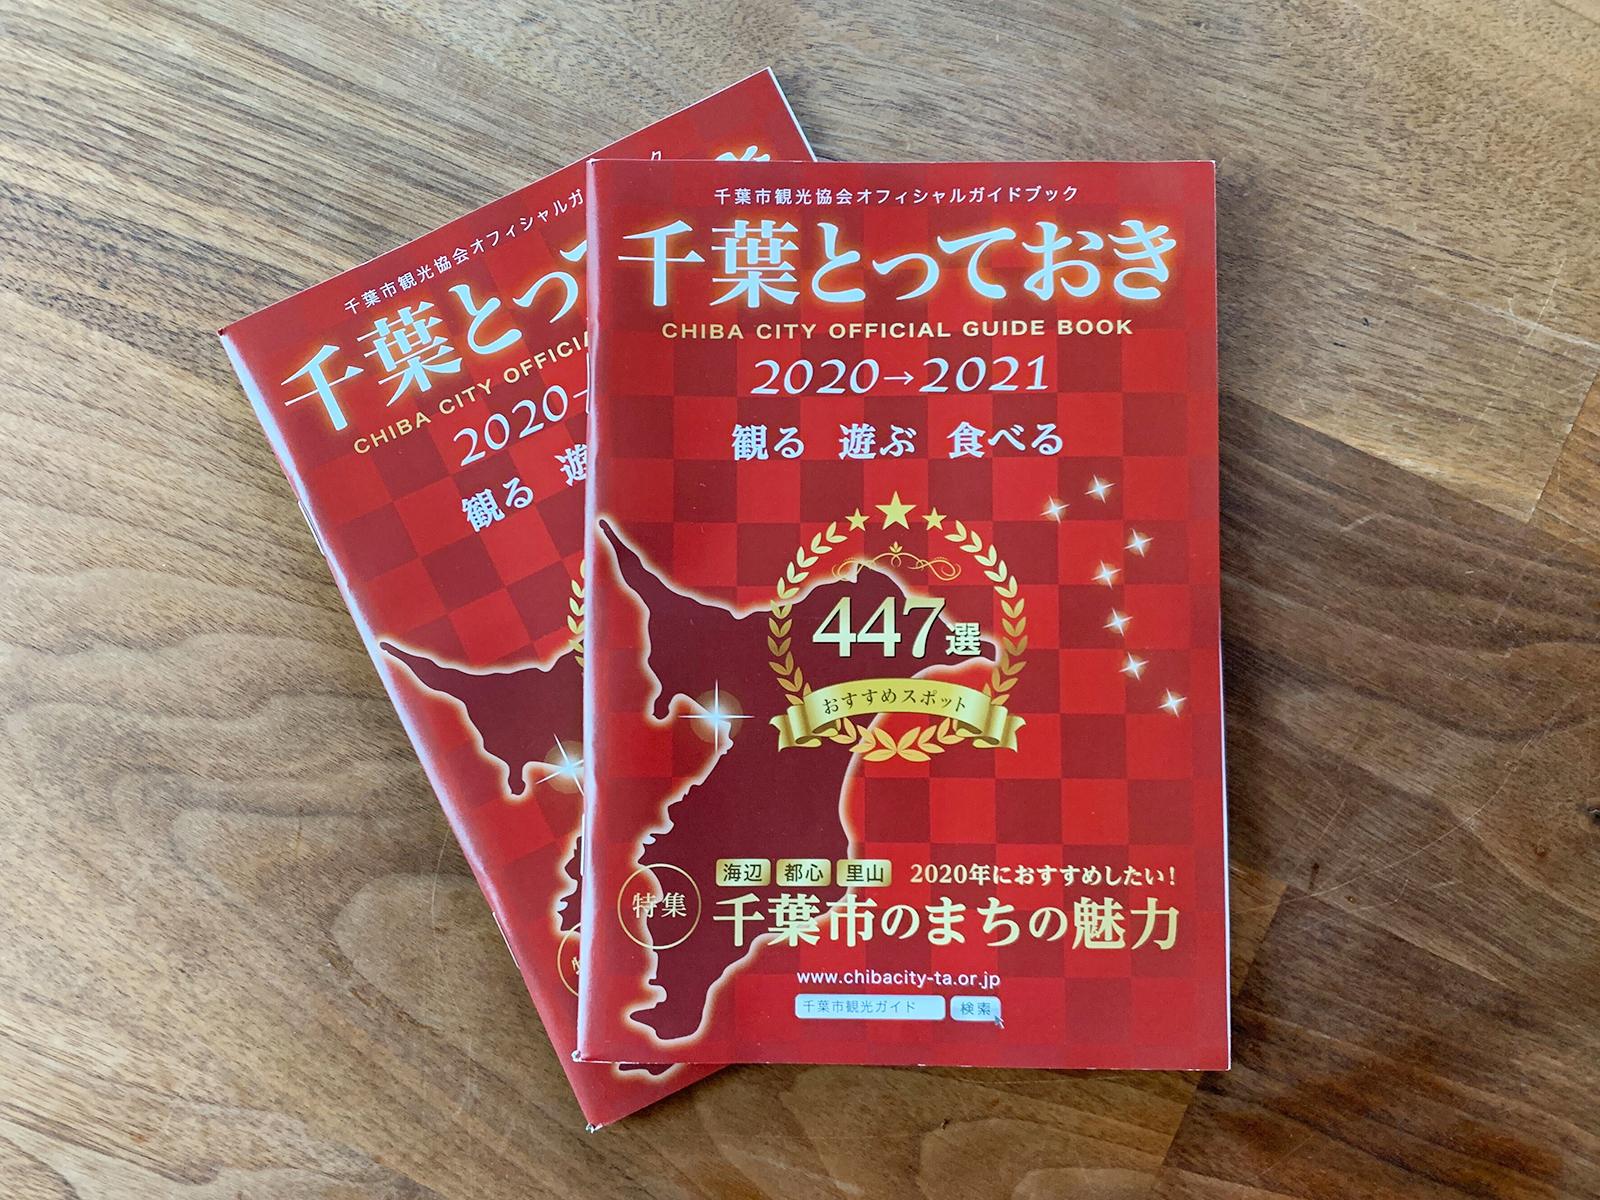 千葉市観光協会オフィシャル観光ガイドブック 『千葉とっておき』